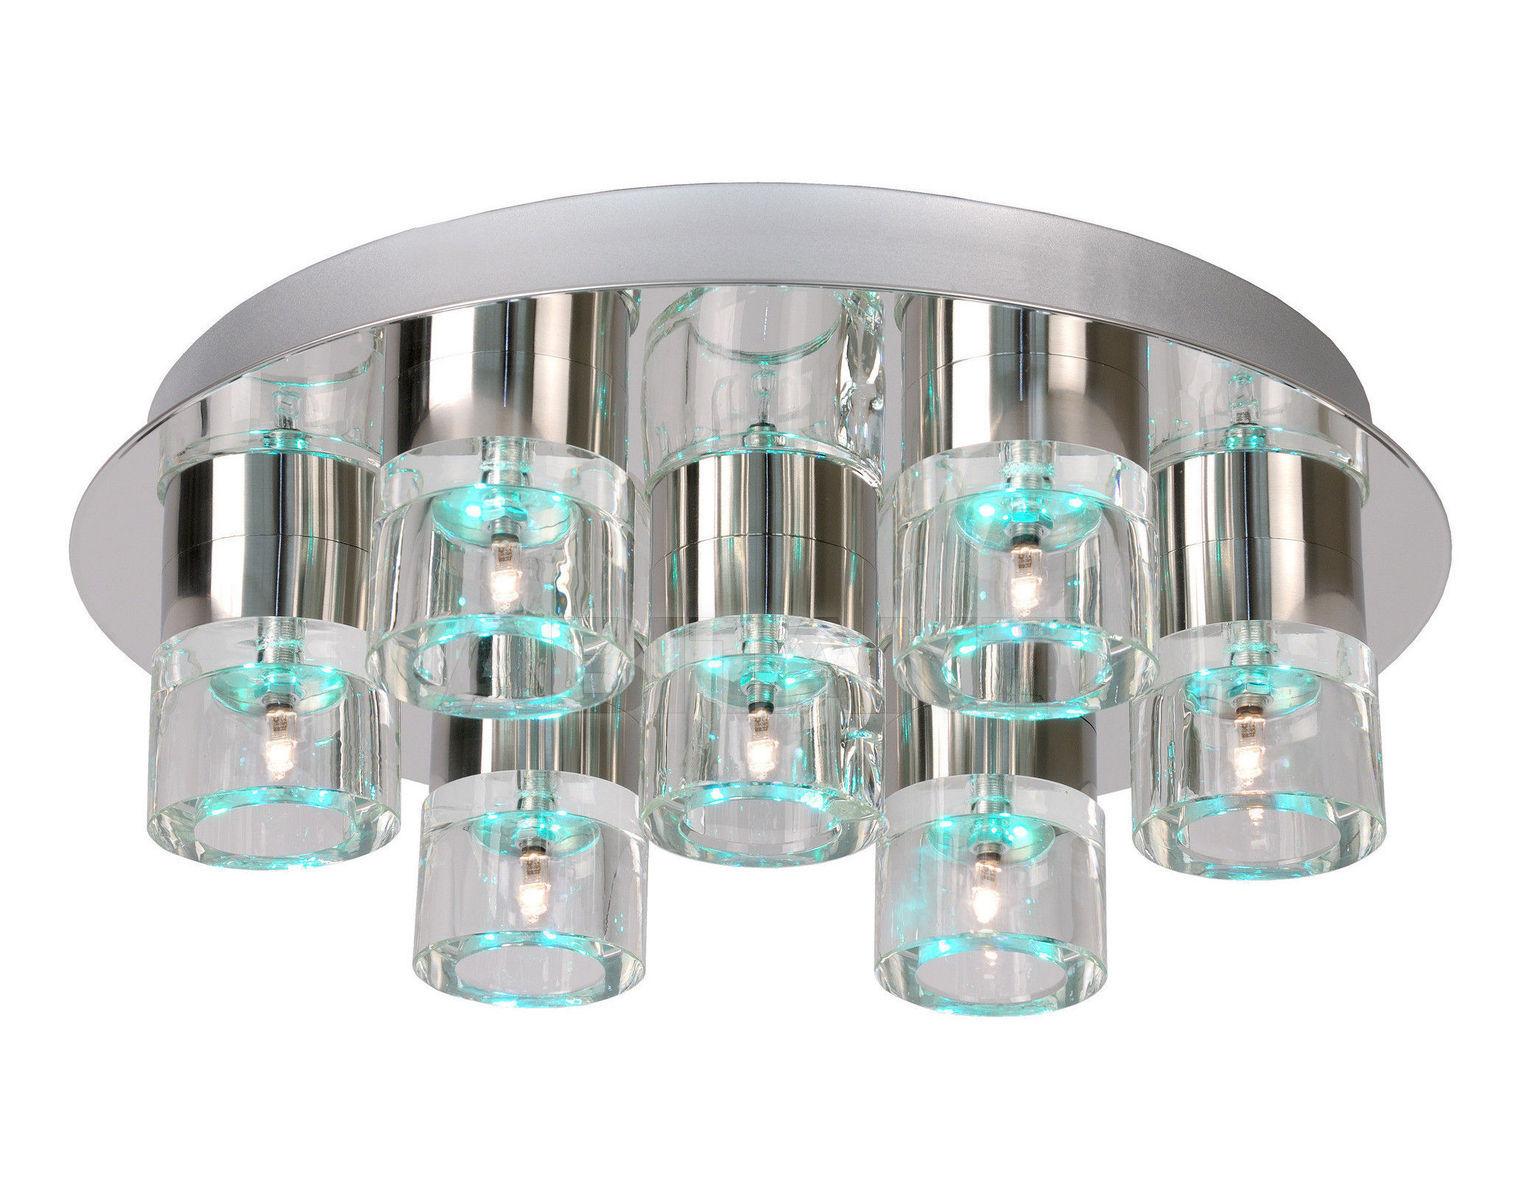 Купить Светильник TABU-LED Lucide  Modern 32151/27/11